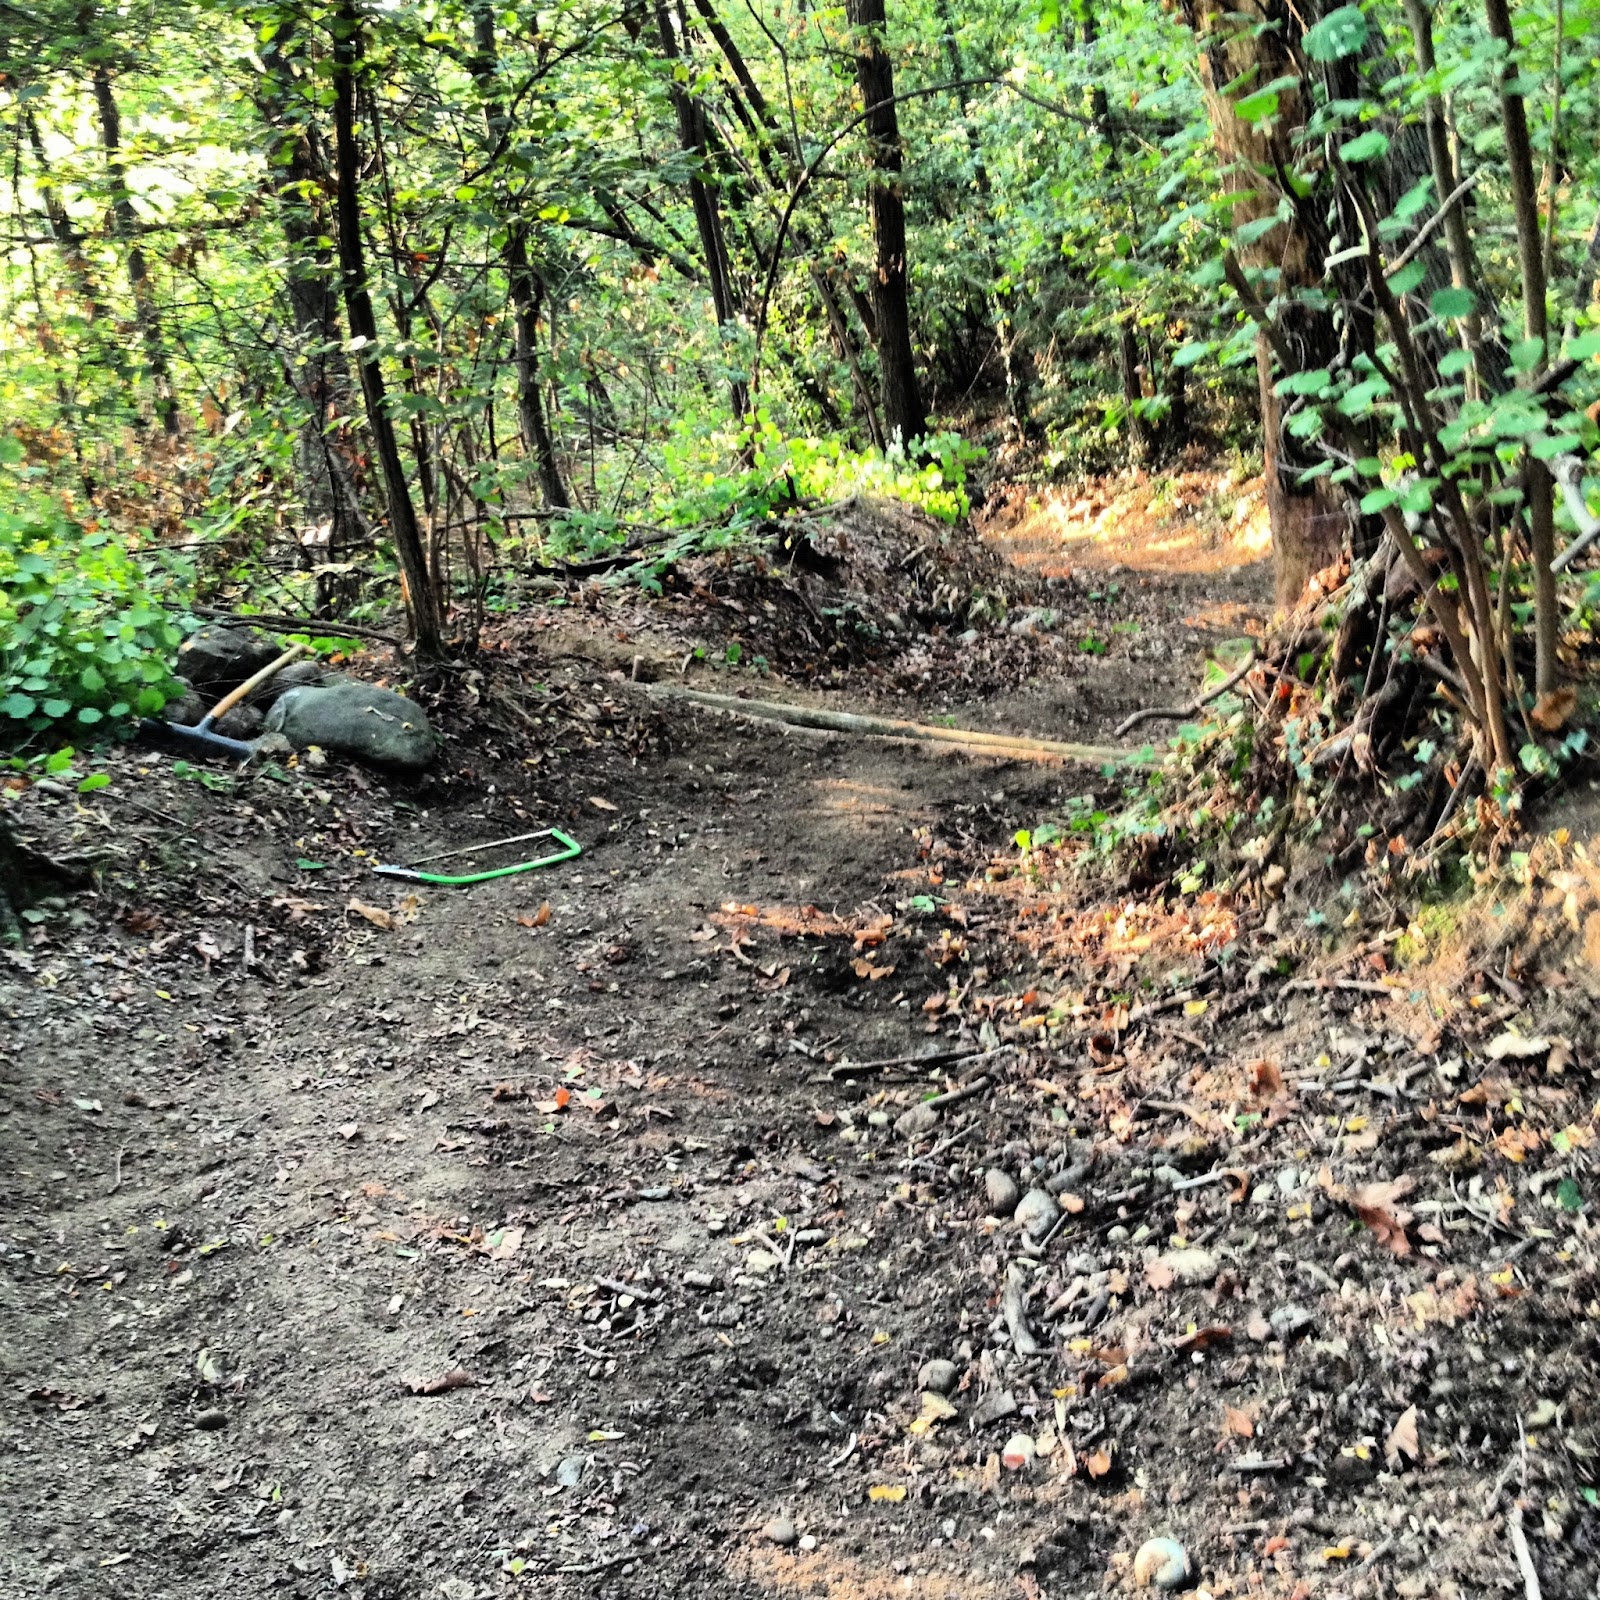 Sassibikers i tre diagonali for Cabina innevata nei boschi